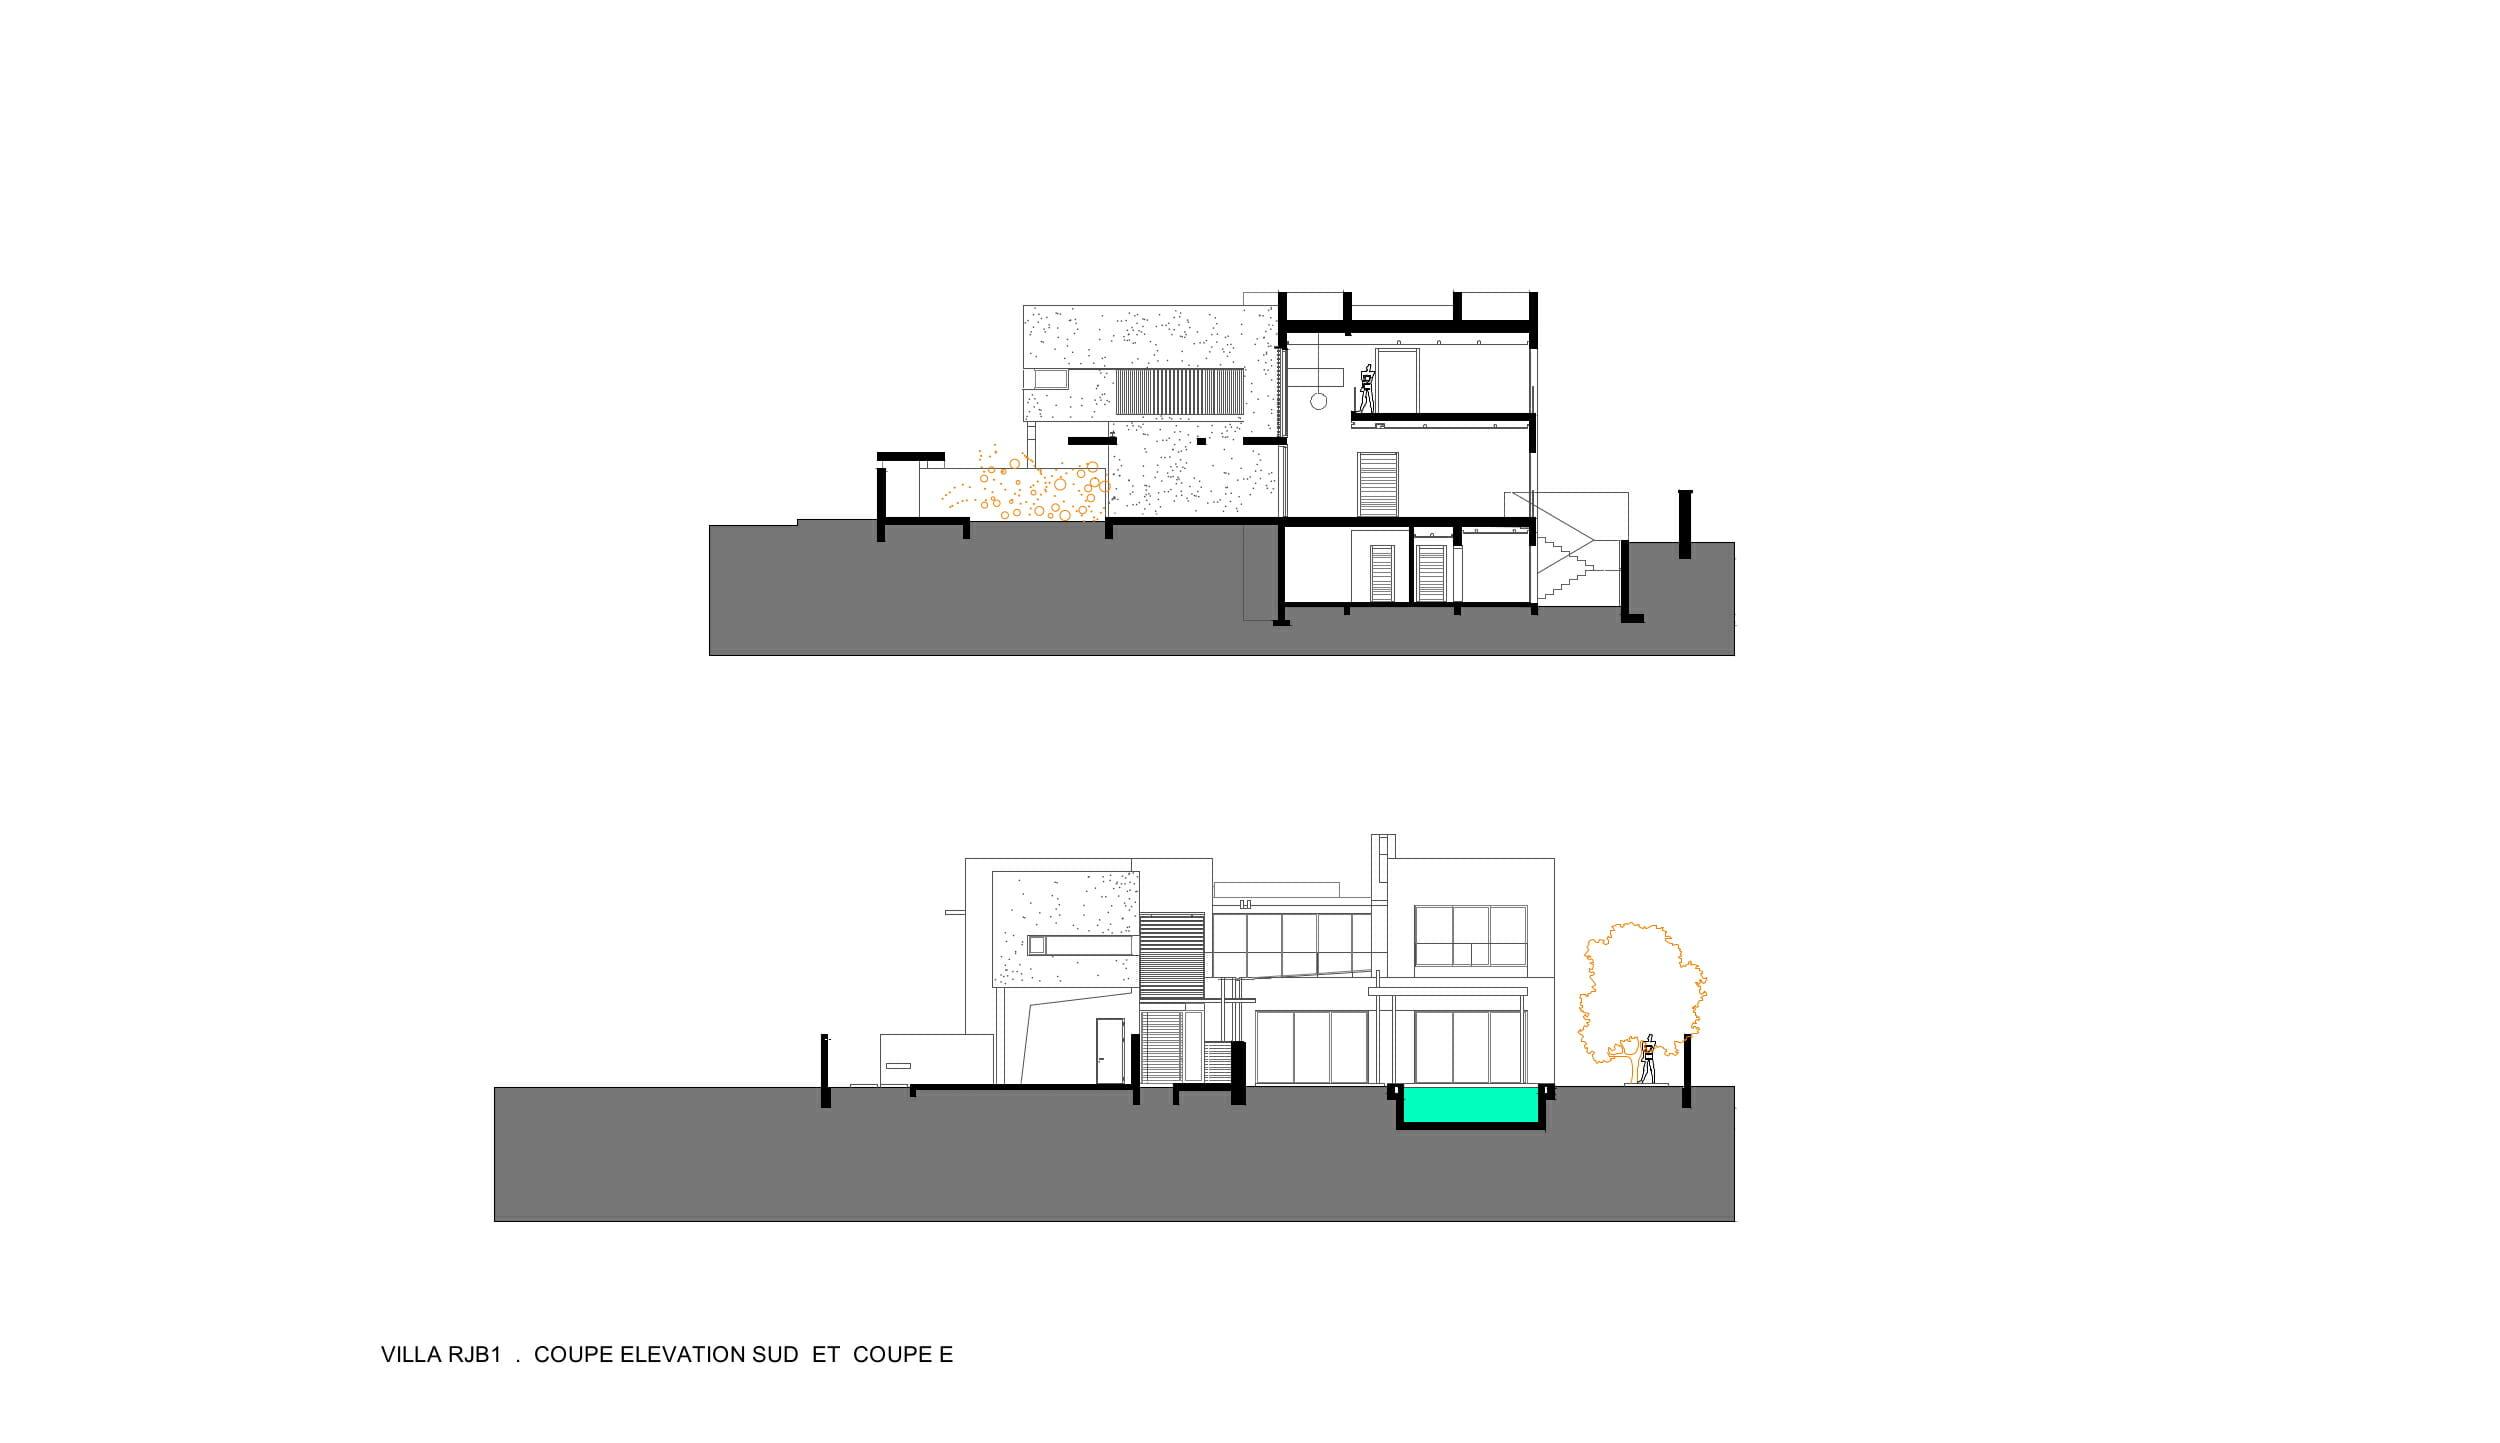 RJB1-plan 03-cp-el-03